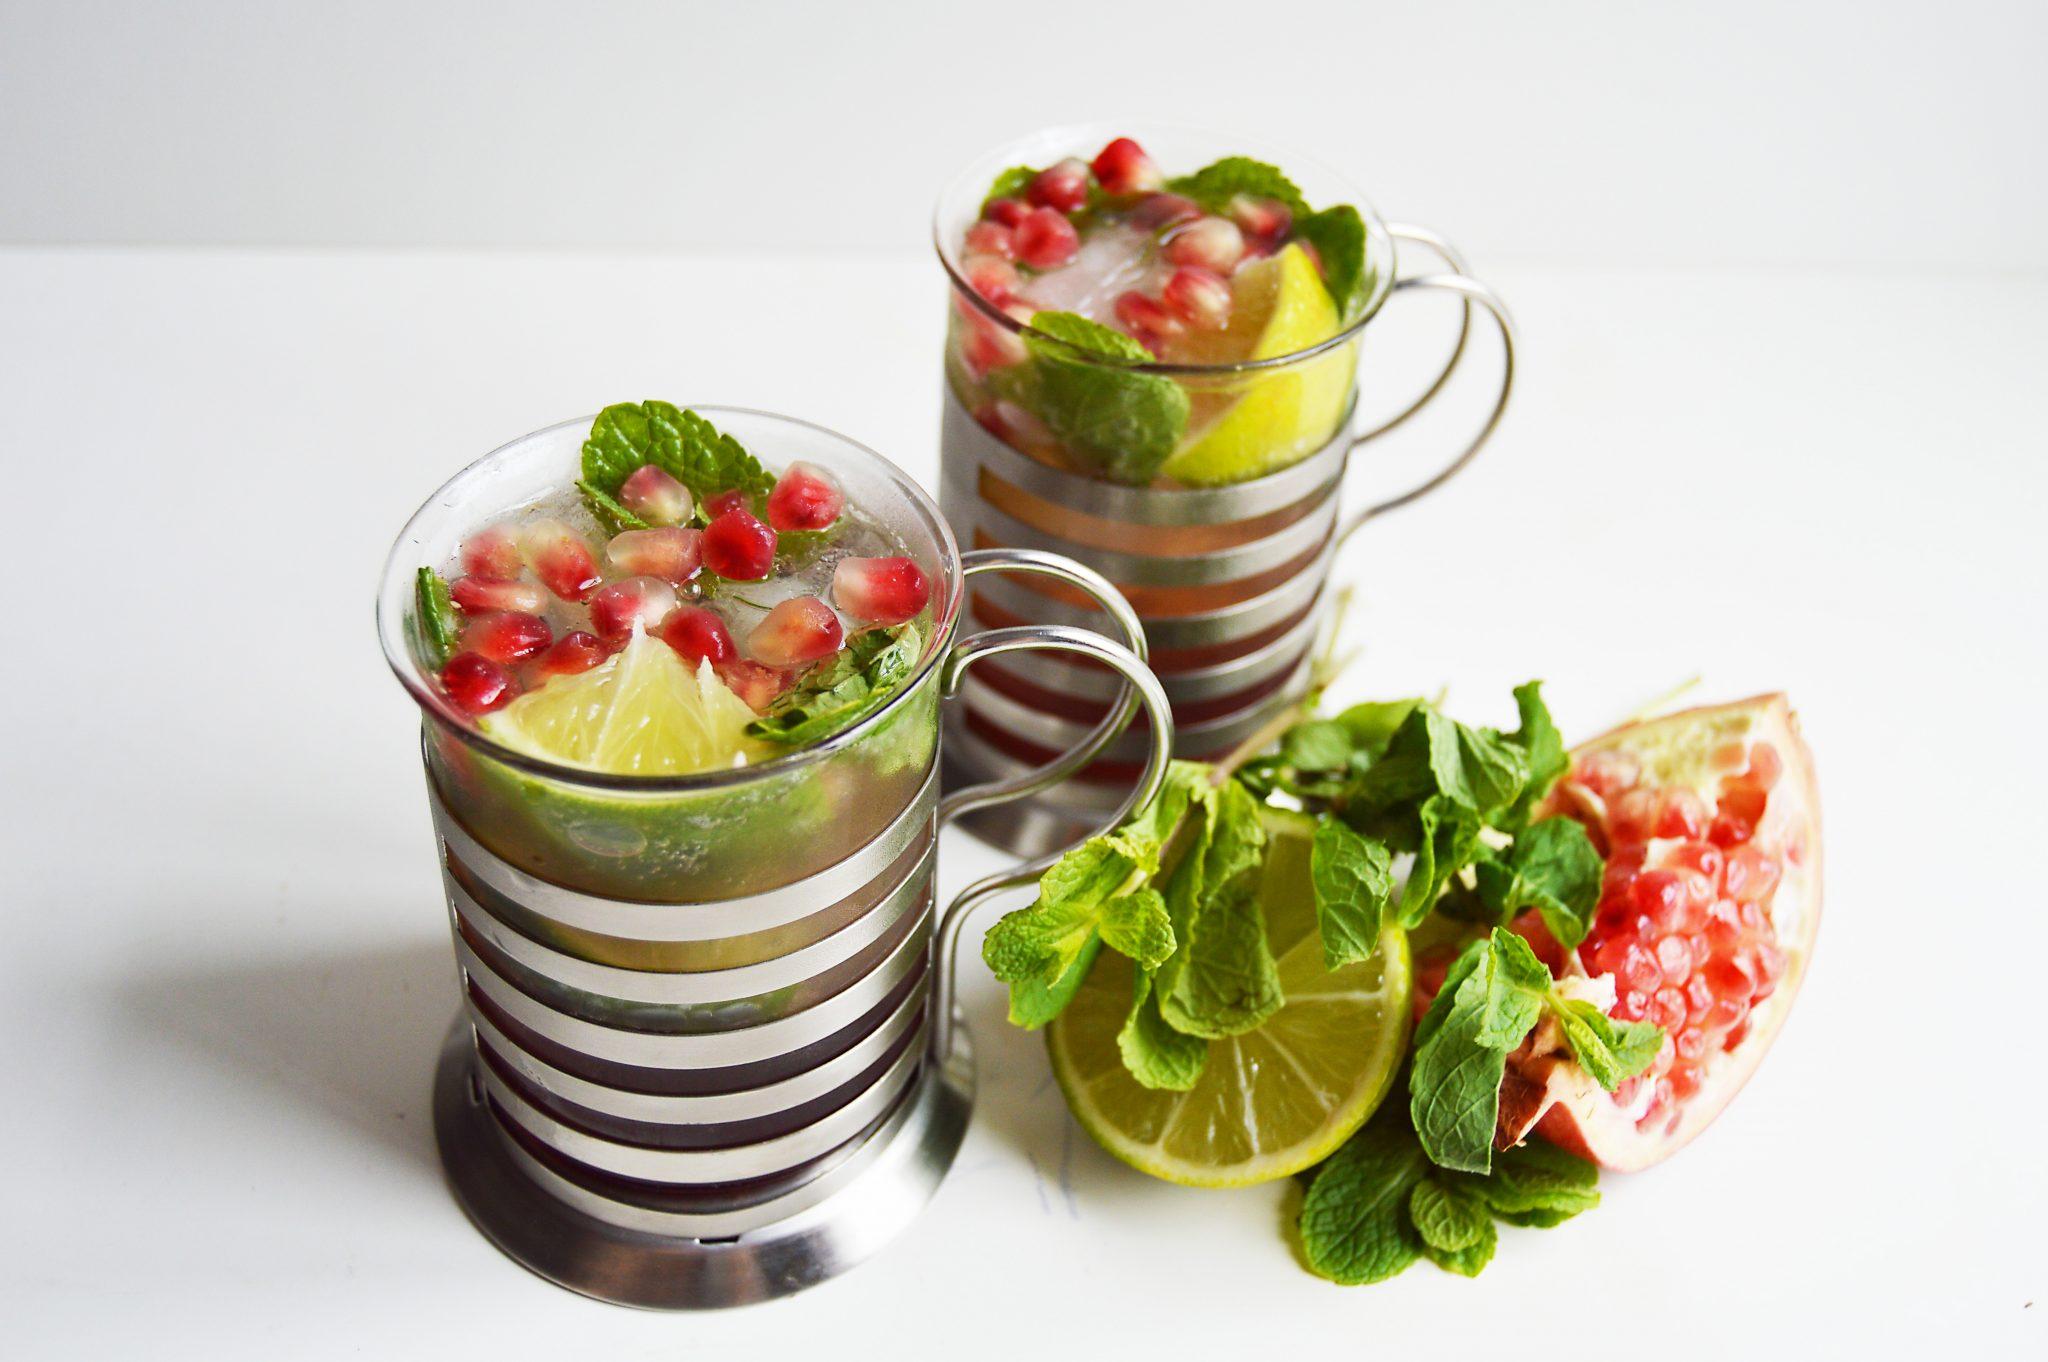 Pomegranate Lime & Mint Fizz Cocktail